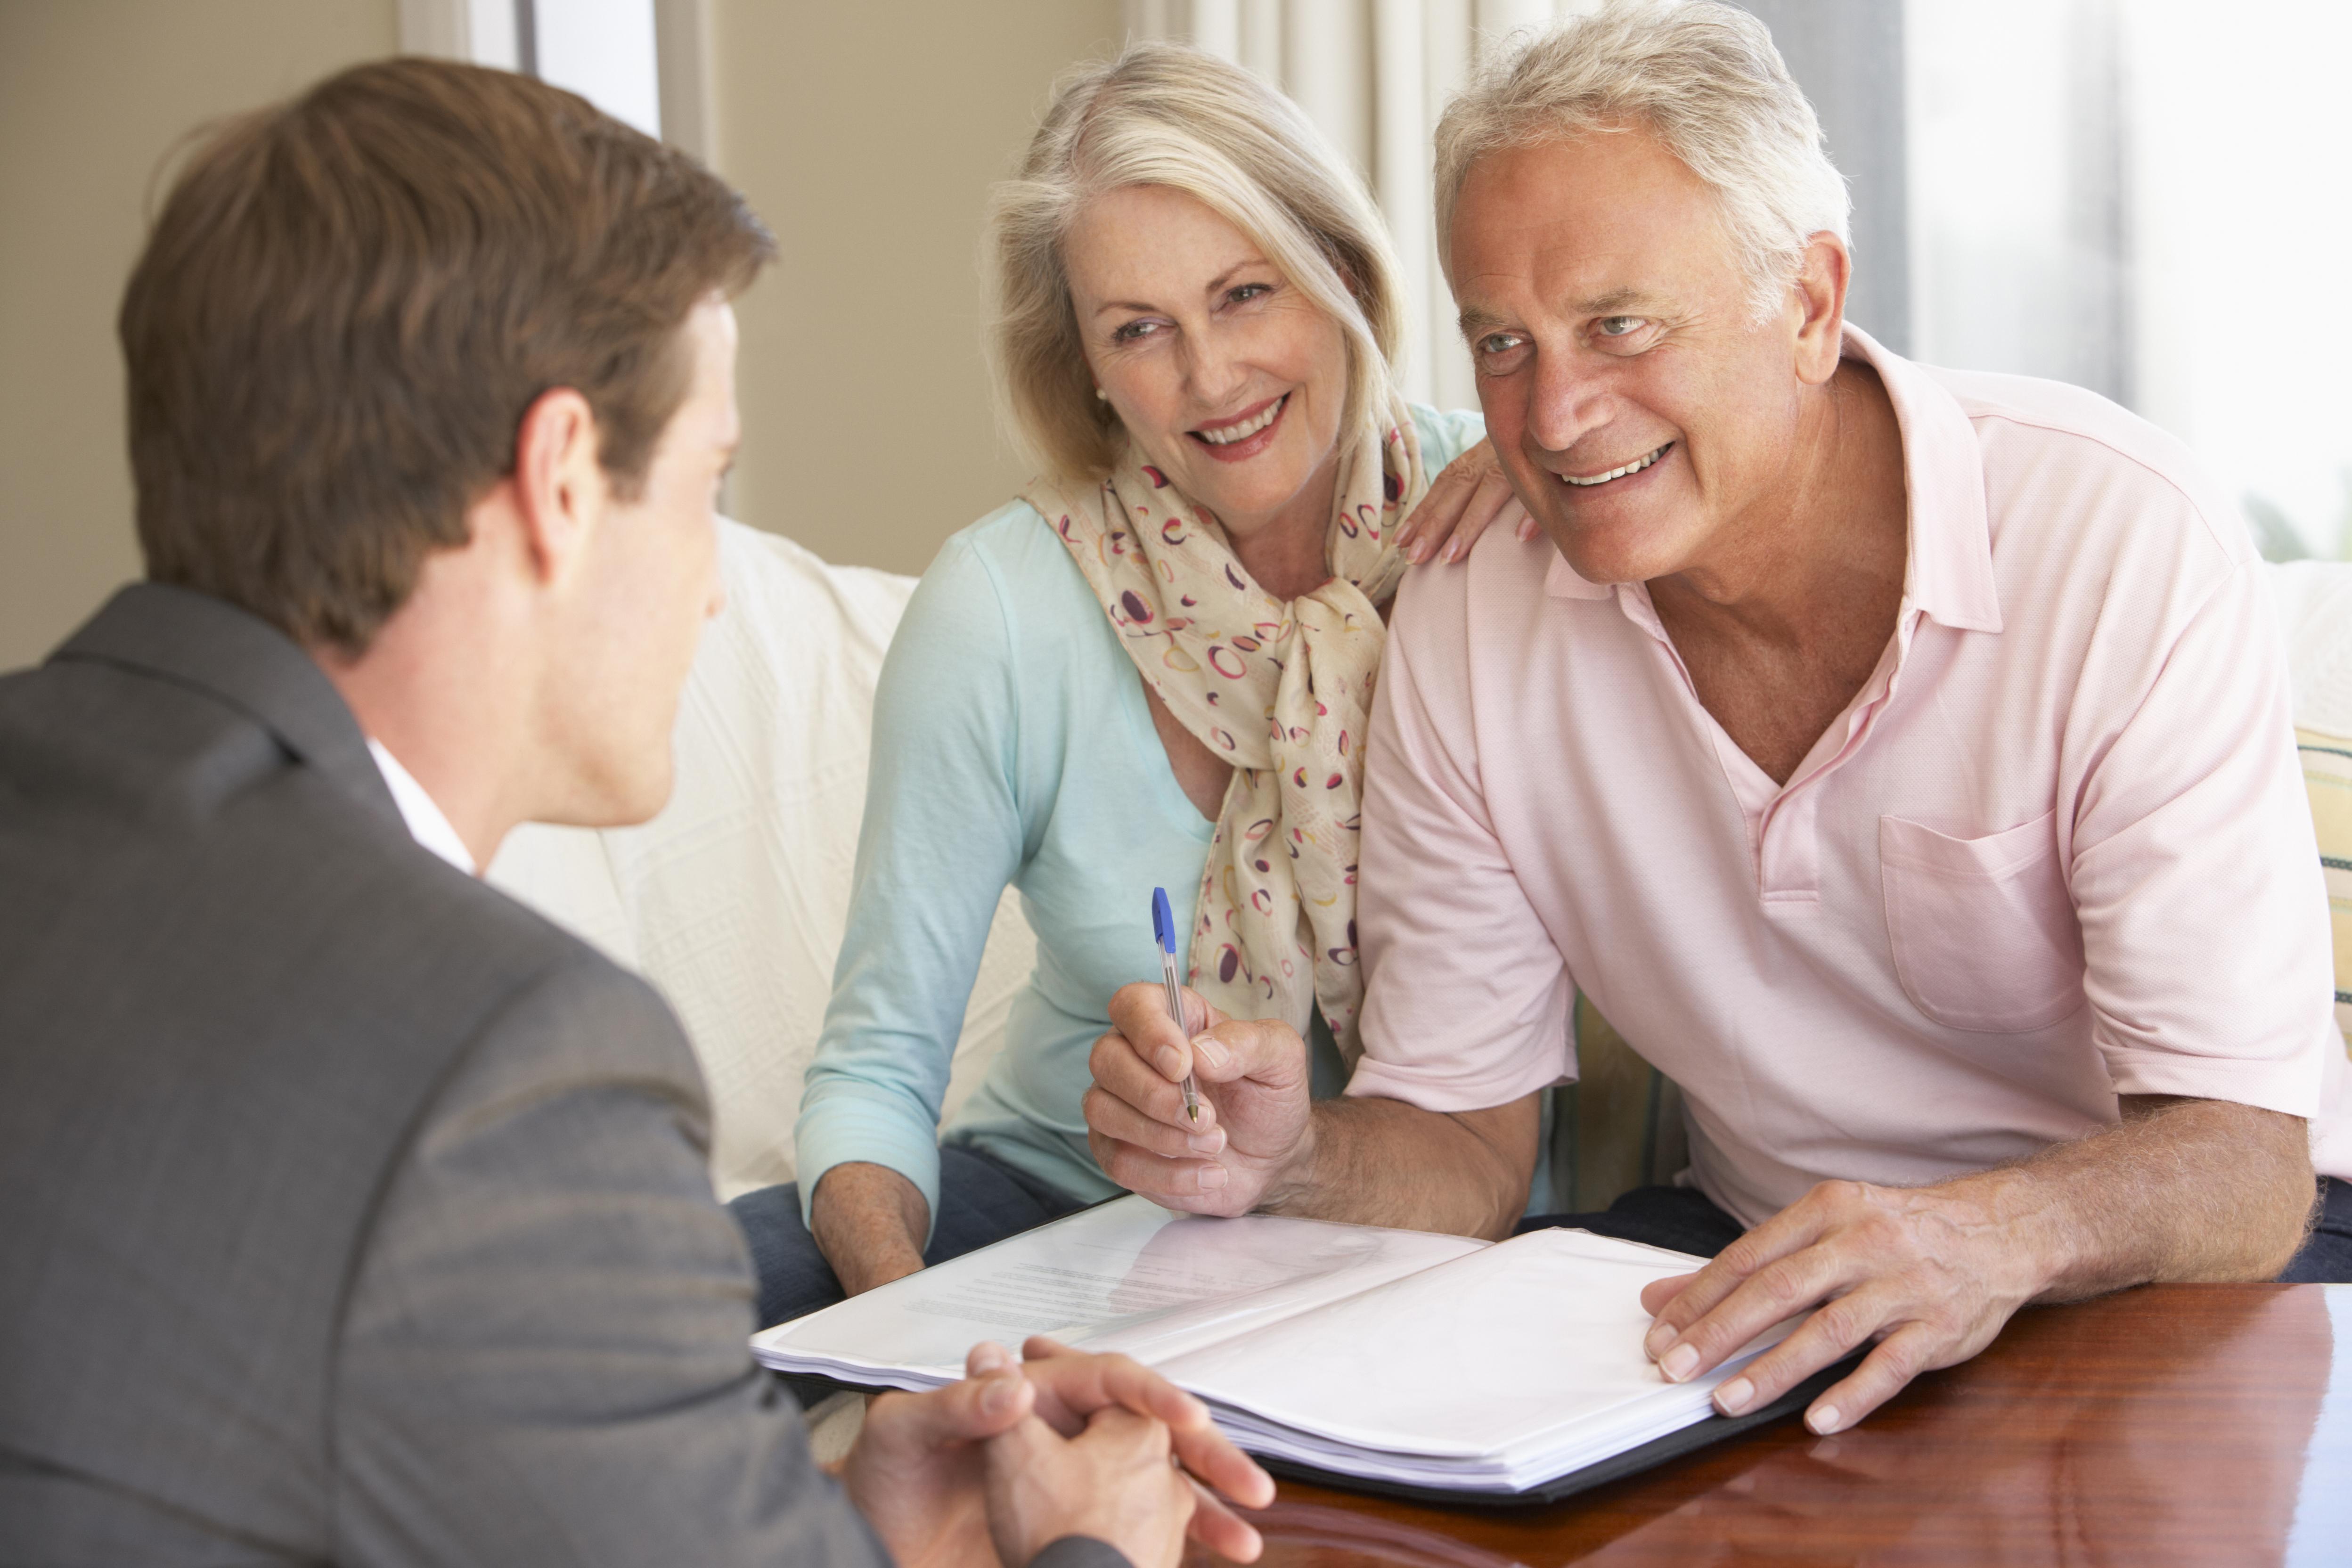 תביעות סיעוד מול חברות הביטוח